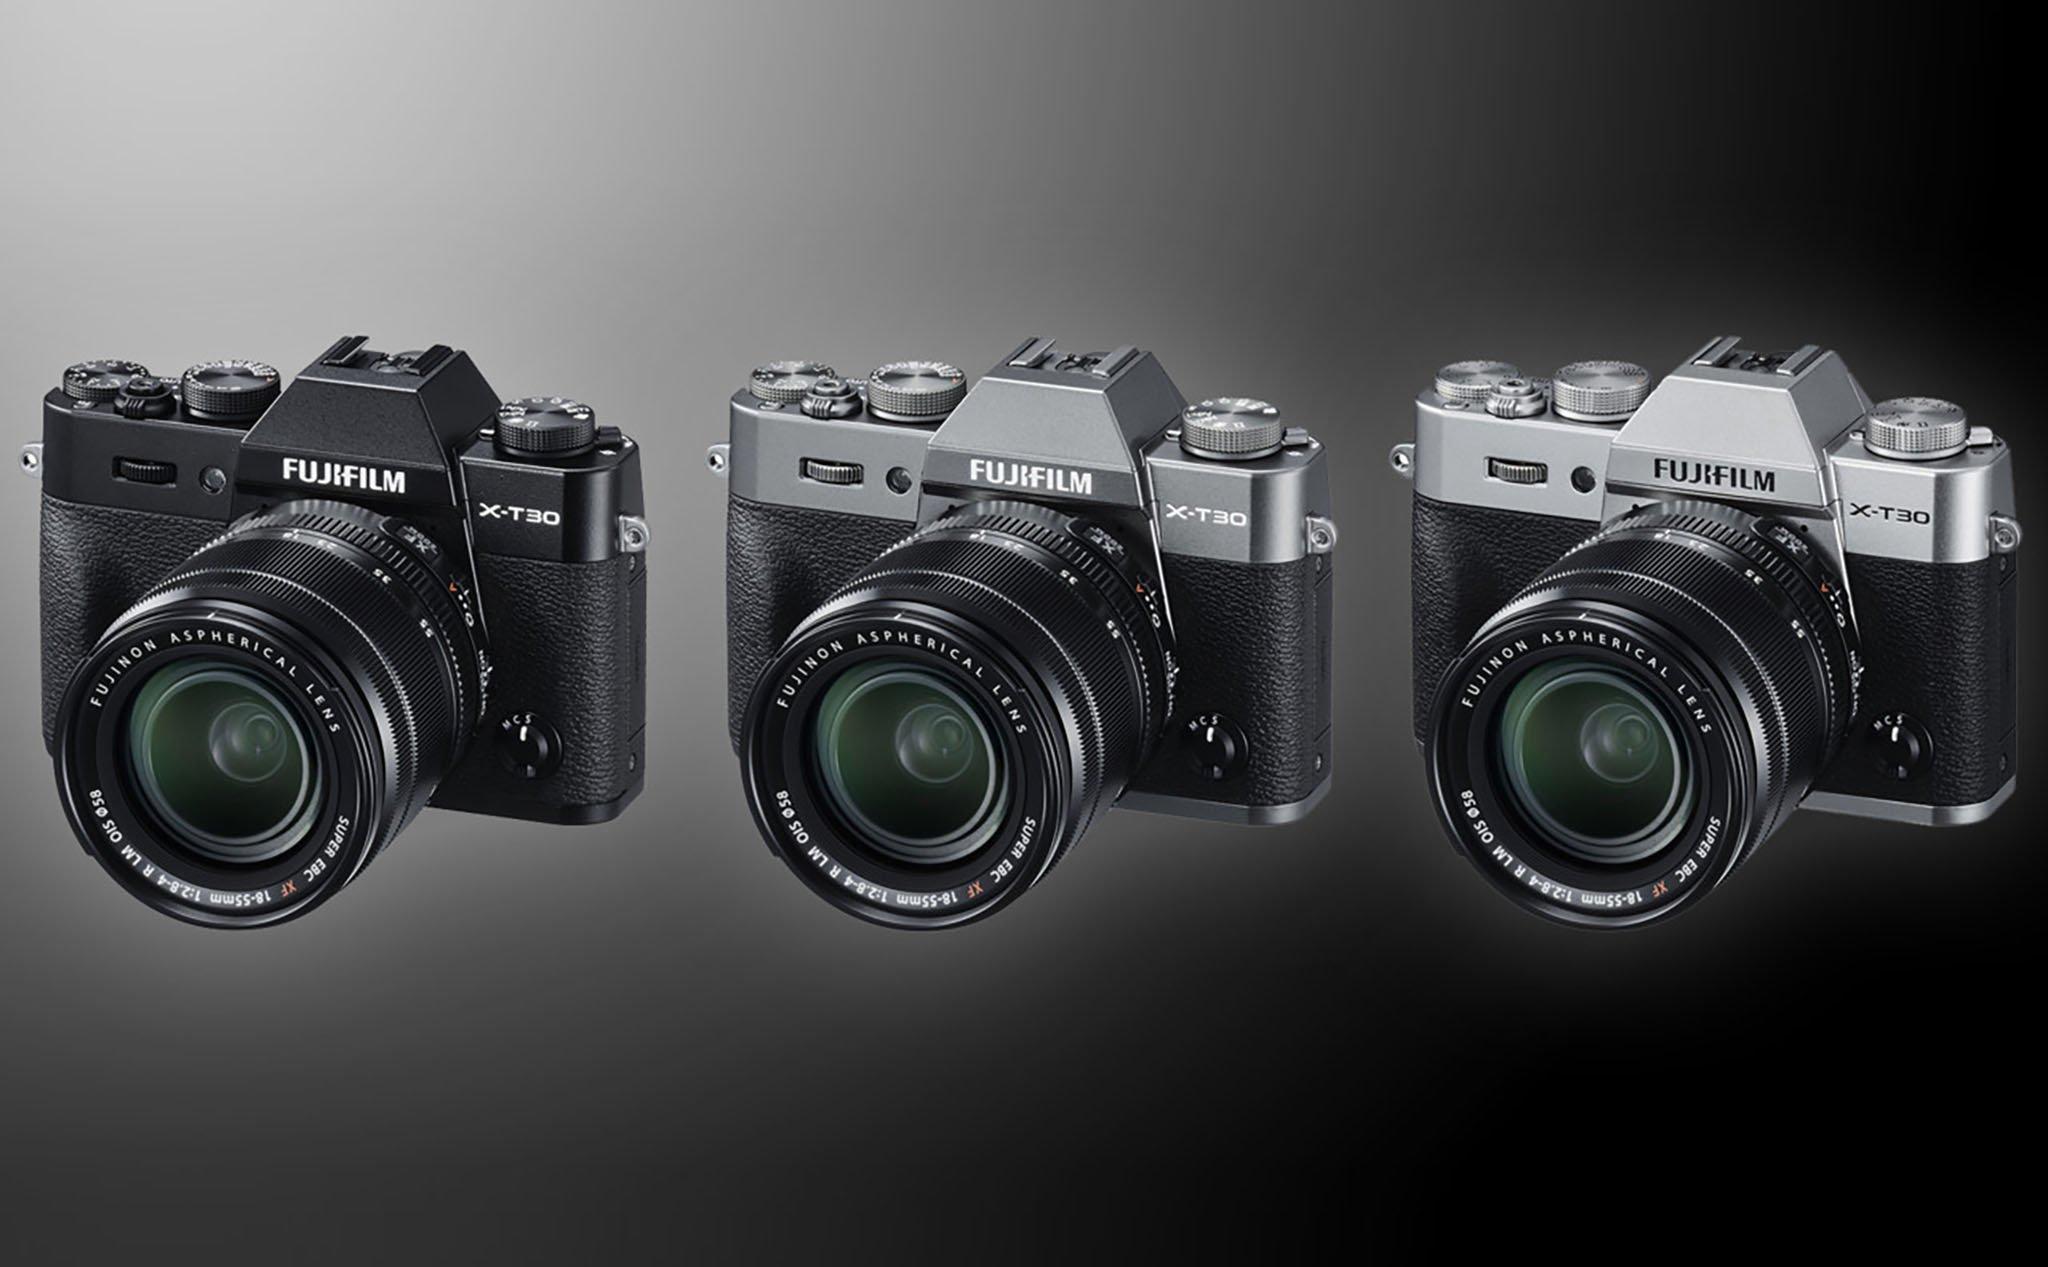 Fujifilm X-T30 về Việt Nam: tân binh đánh gờm phân khúc mirrorless tầm trung, giá từ 22 triệu đồng